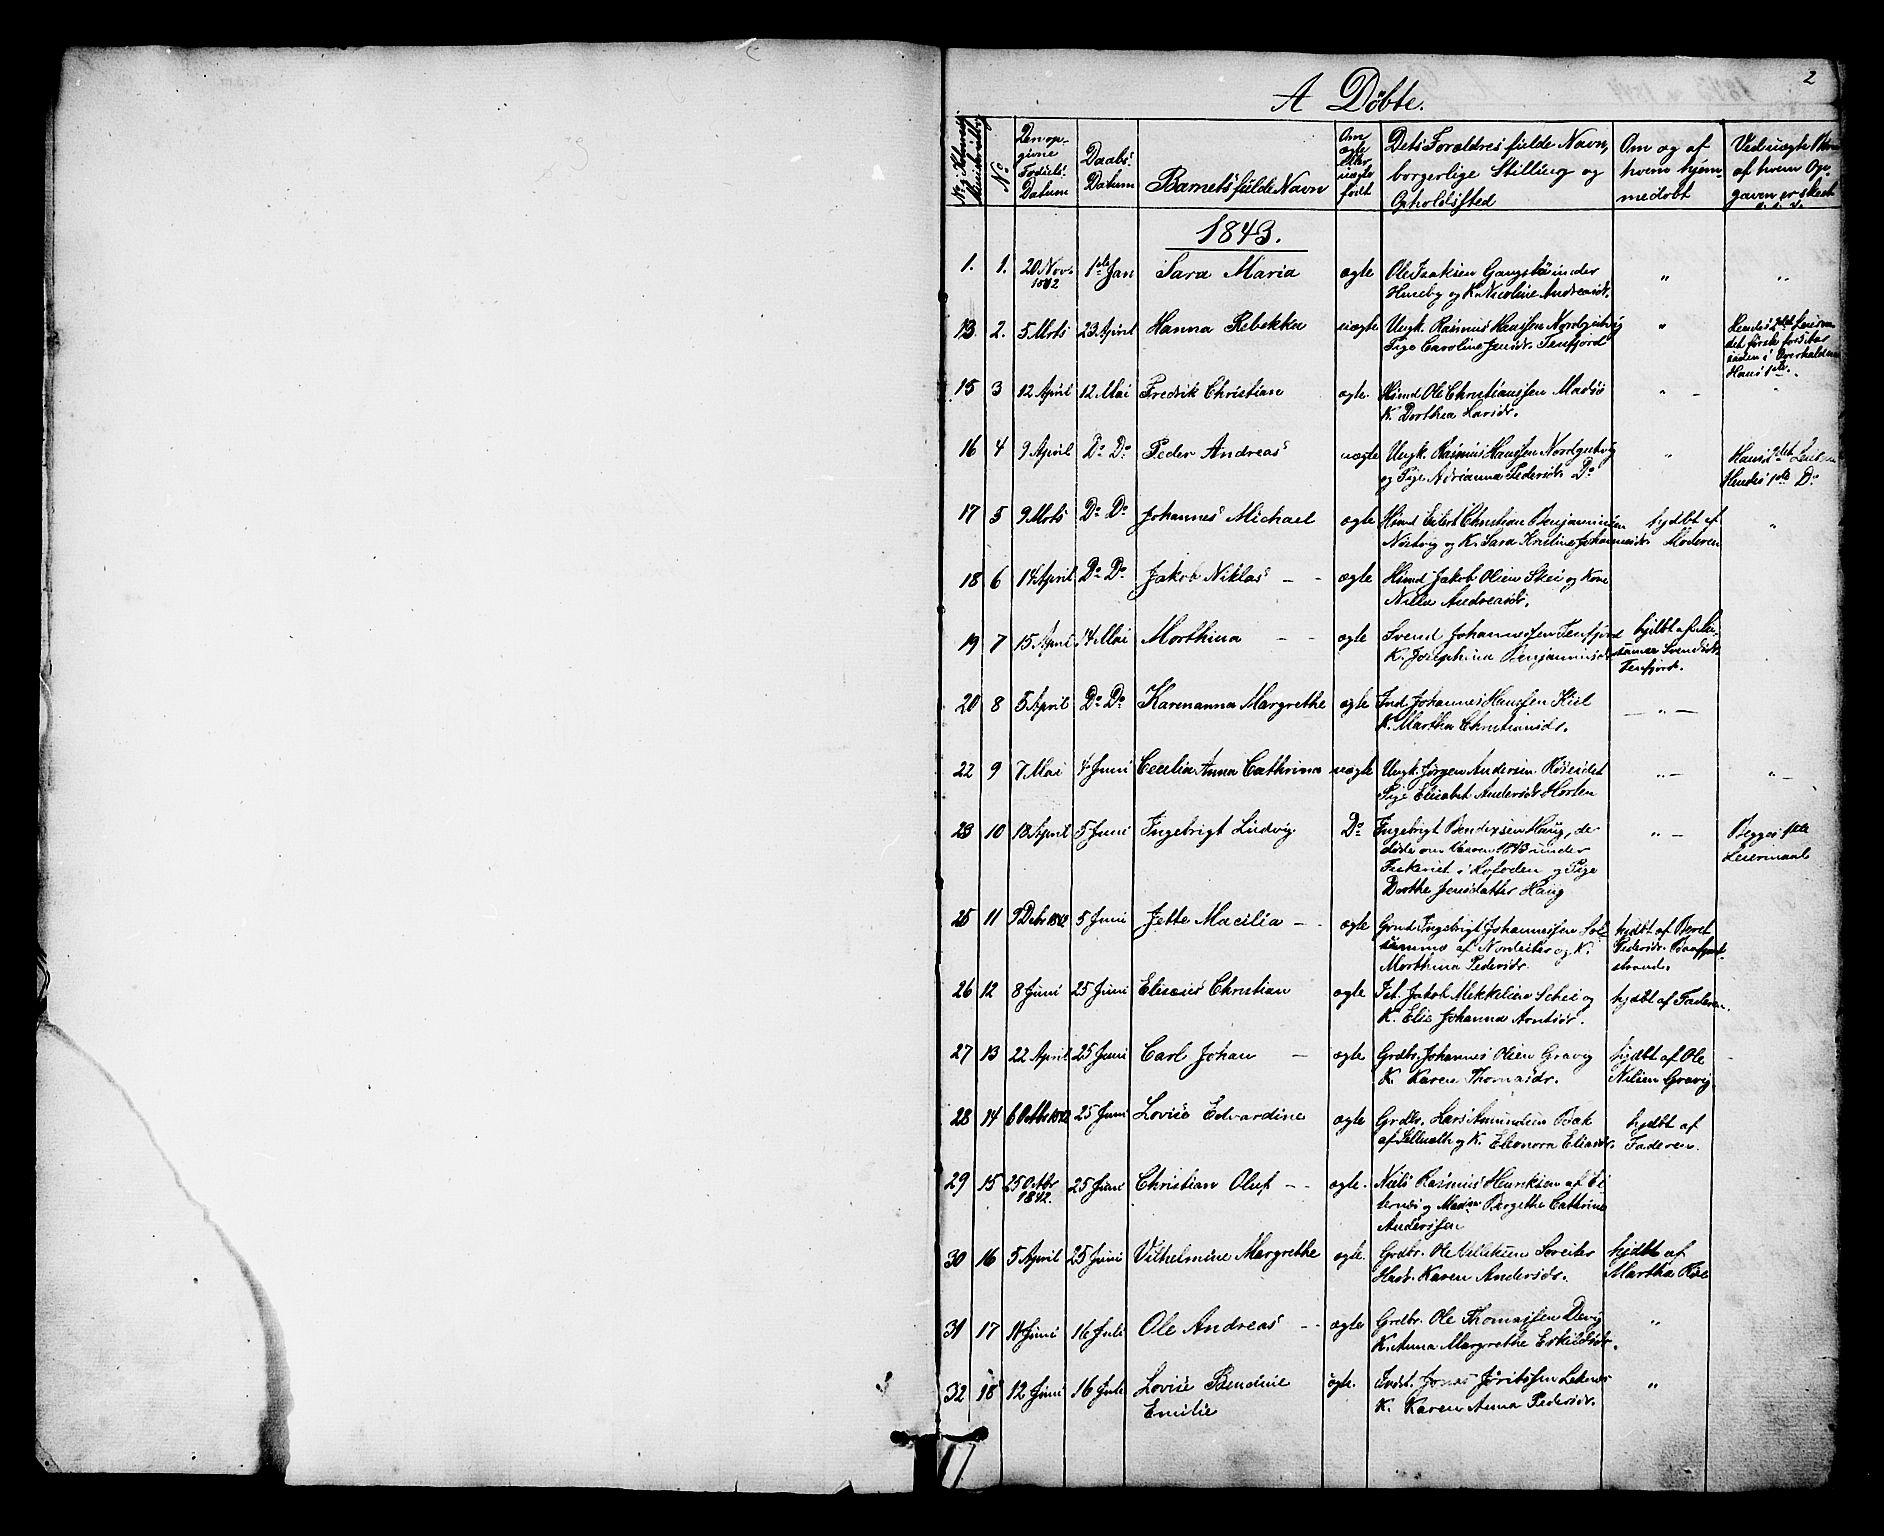 SAT, Ministerialprotokoller, klokkerbøker og fødselsregistre - Nord-Trøndelag, 788/L0695: Ministerialbok nr. 788A02, 1843-1862, s. 2